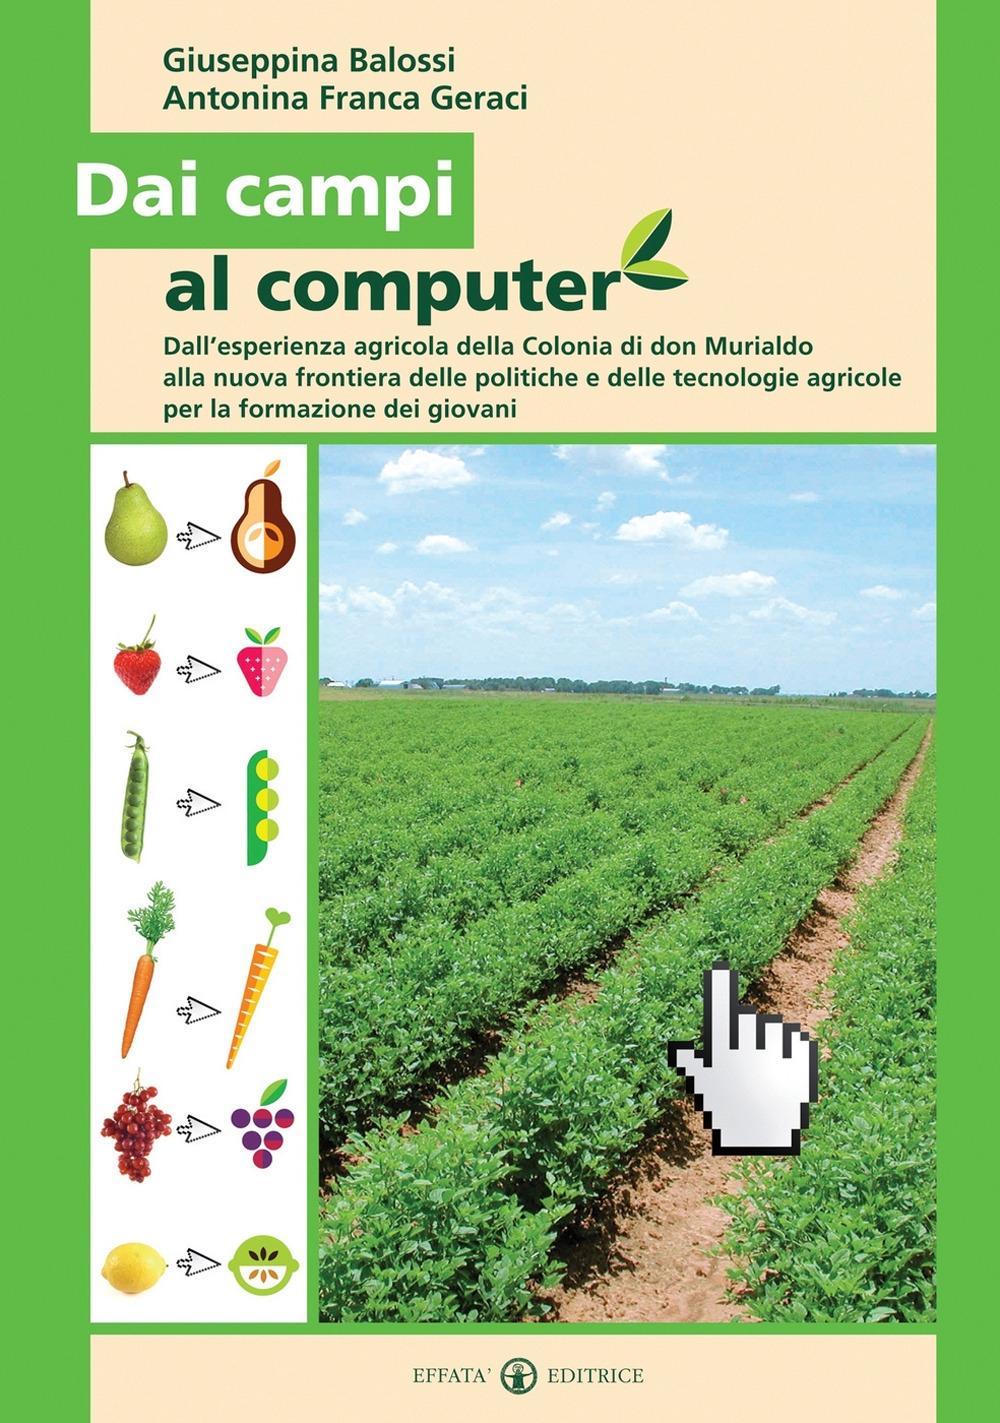 Dai campi al computer. Dall'esperienza agricola della Colonia di don Murialdo alla nuova frontiera delle politiche e delle tecnologie agricole per la formazione dei giovani